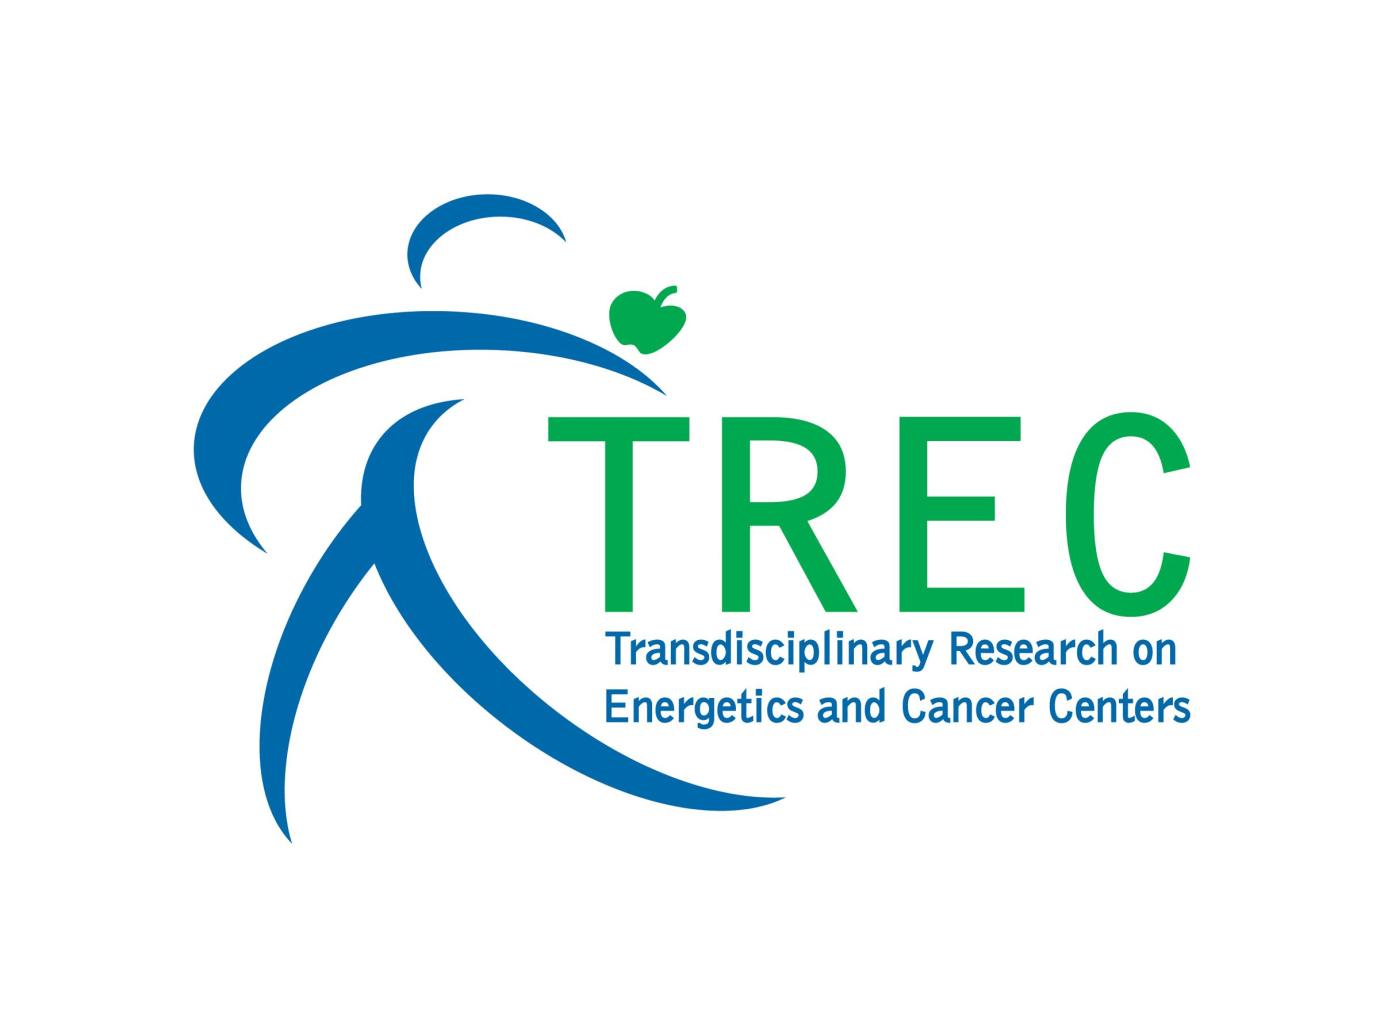 logo for Trecrep